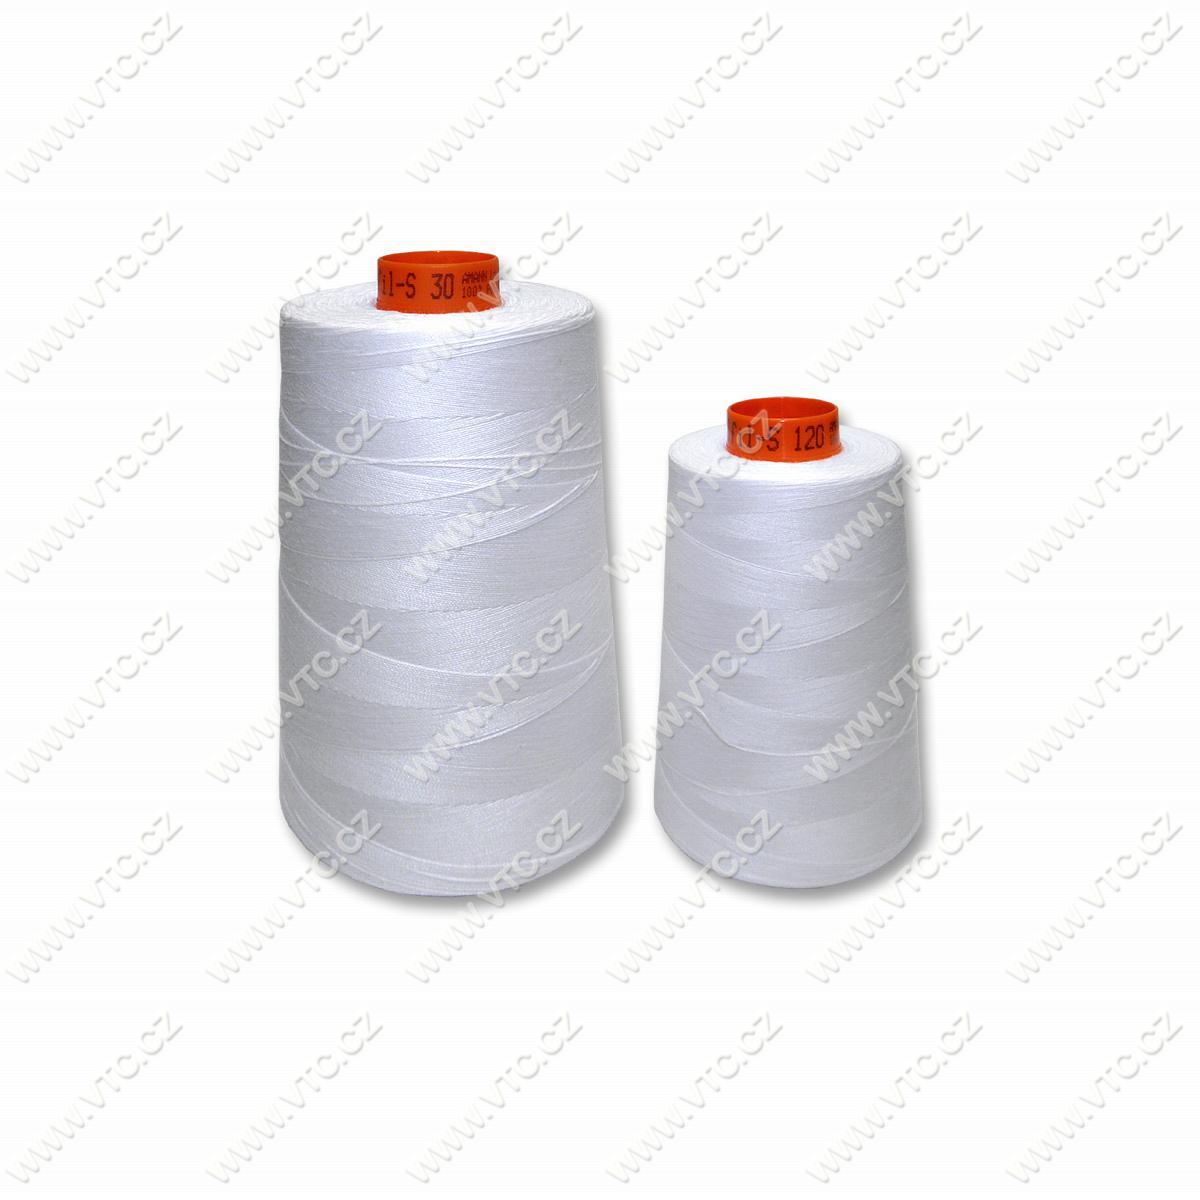 Threads Belfil S 30 3000 M White